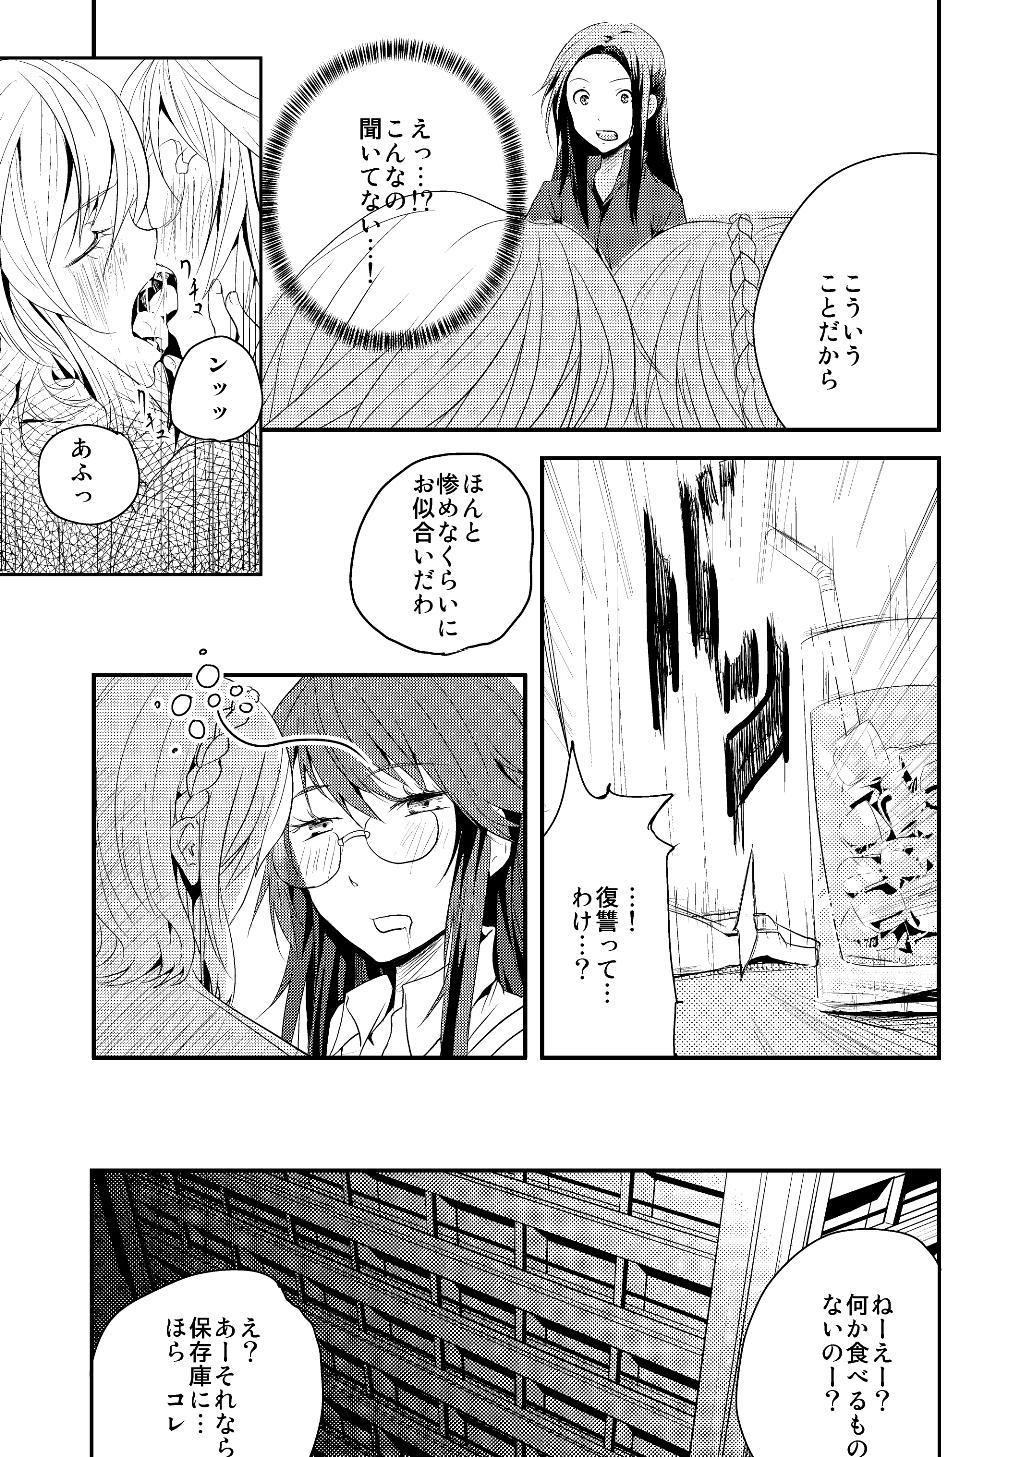 Yakusoku no Sora to Kimigaita Basho 1 ~ 2 50